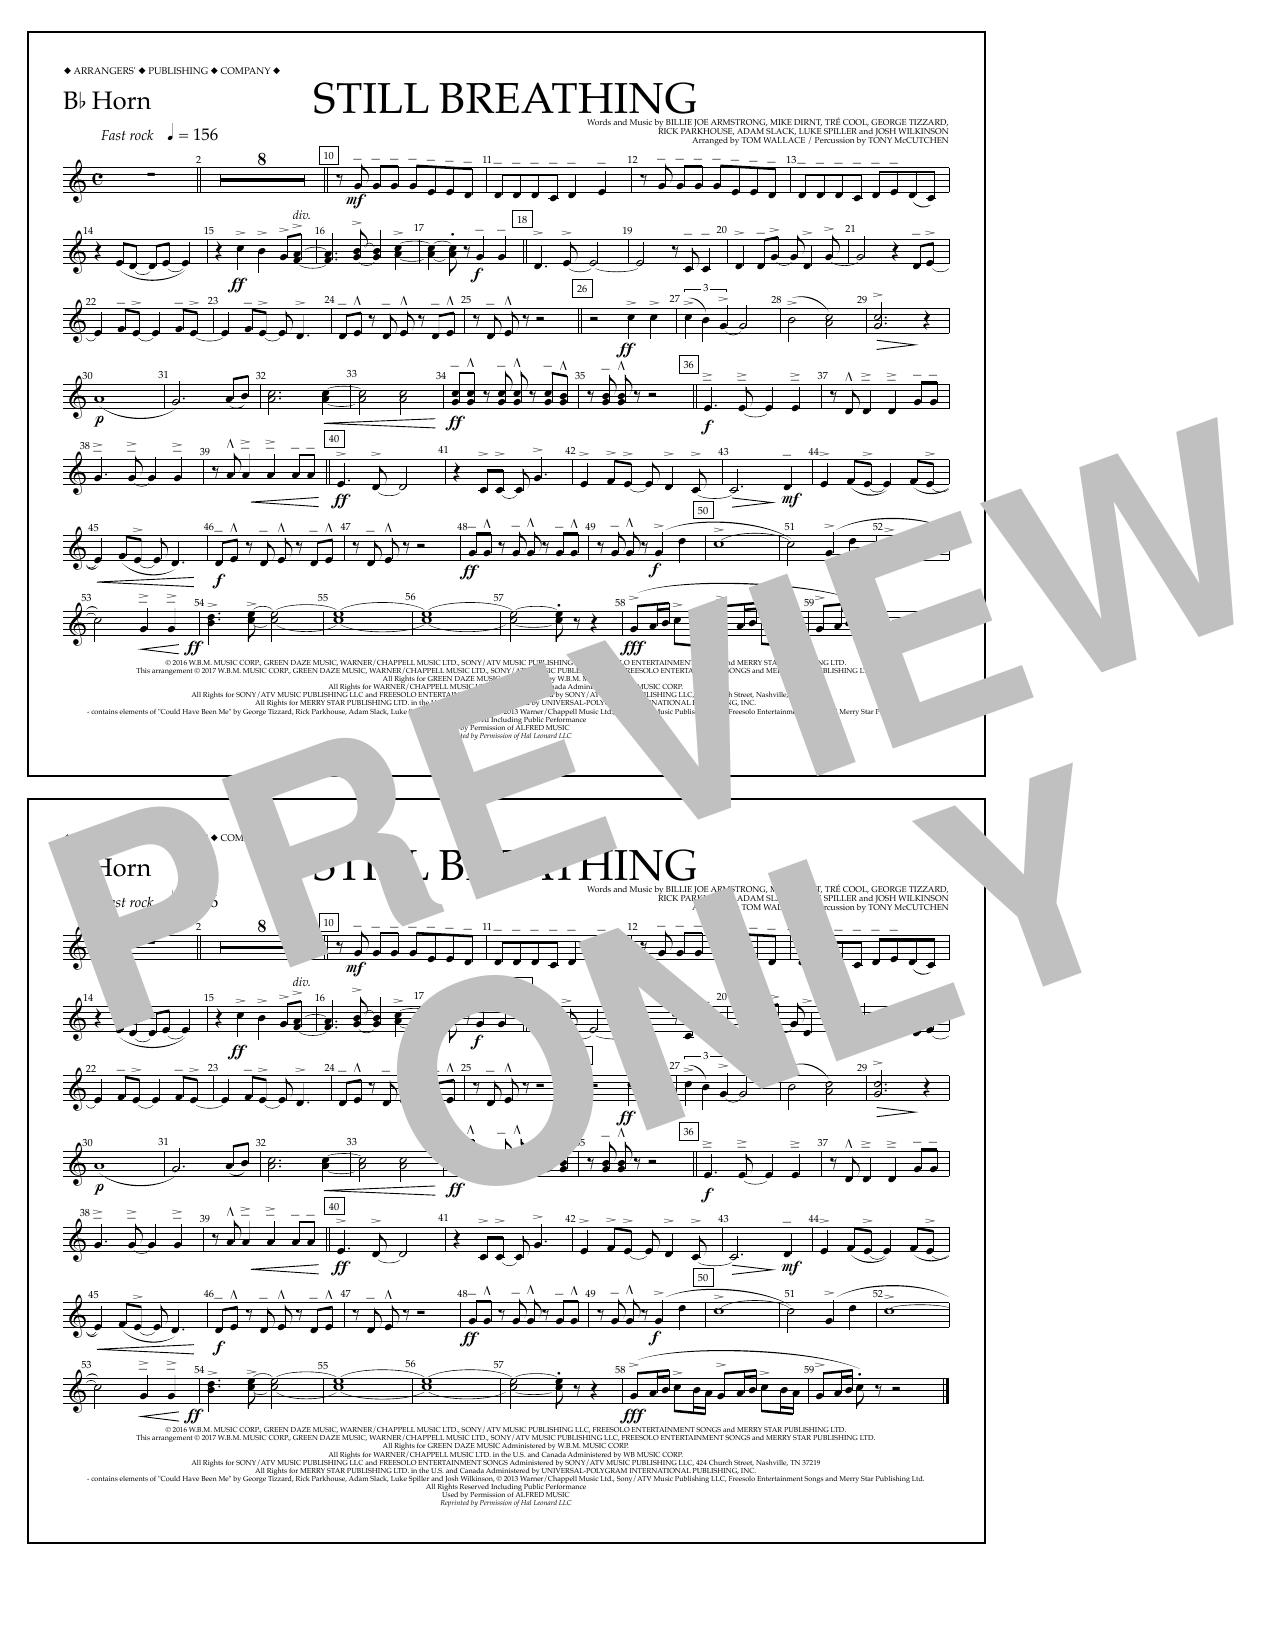 Still Breathing - Bb Horn Sheet Music